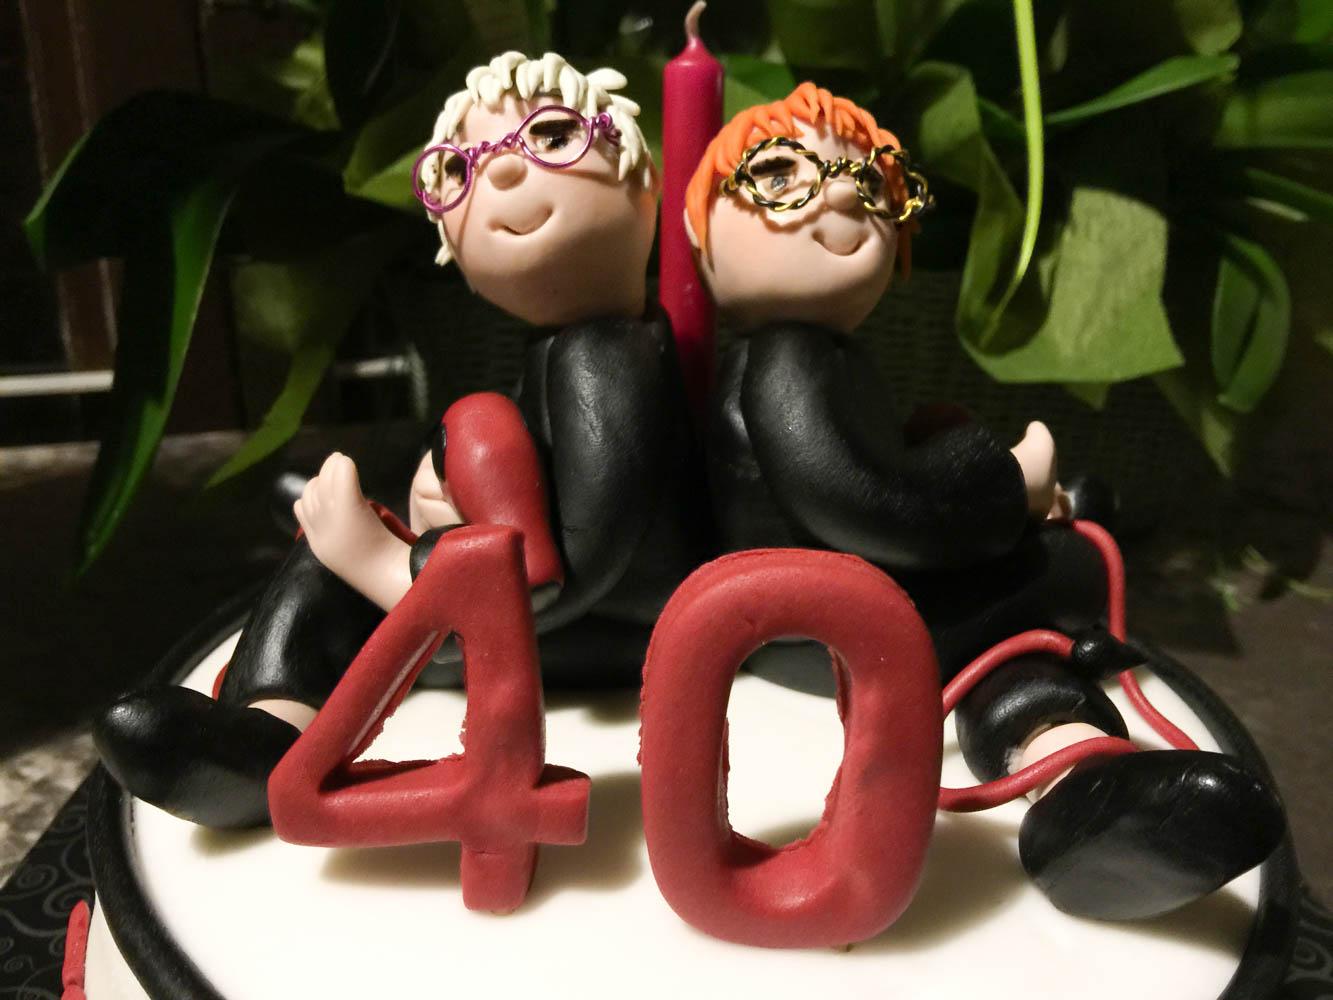 40 aniversari perruqueria tinas